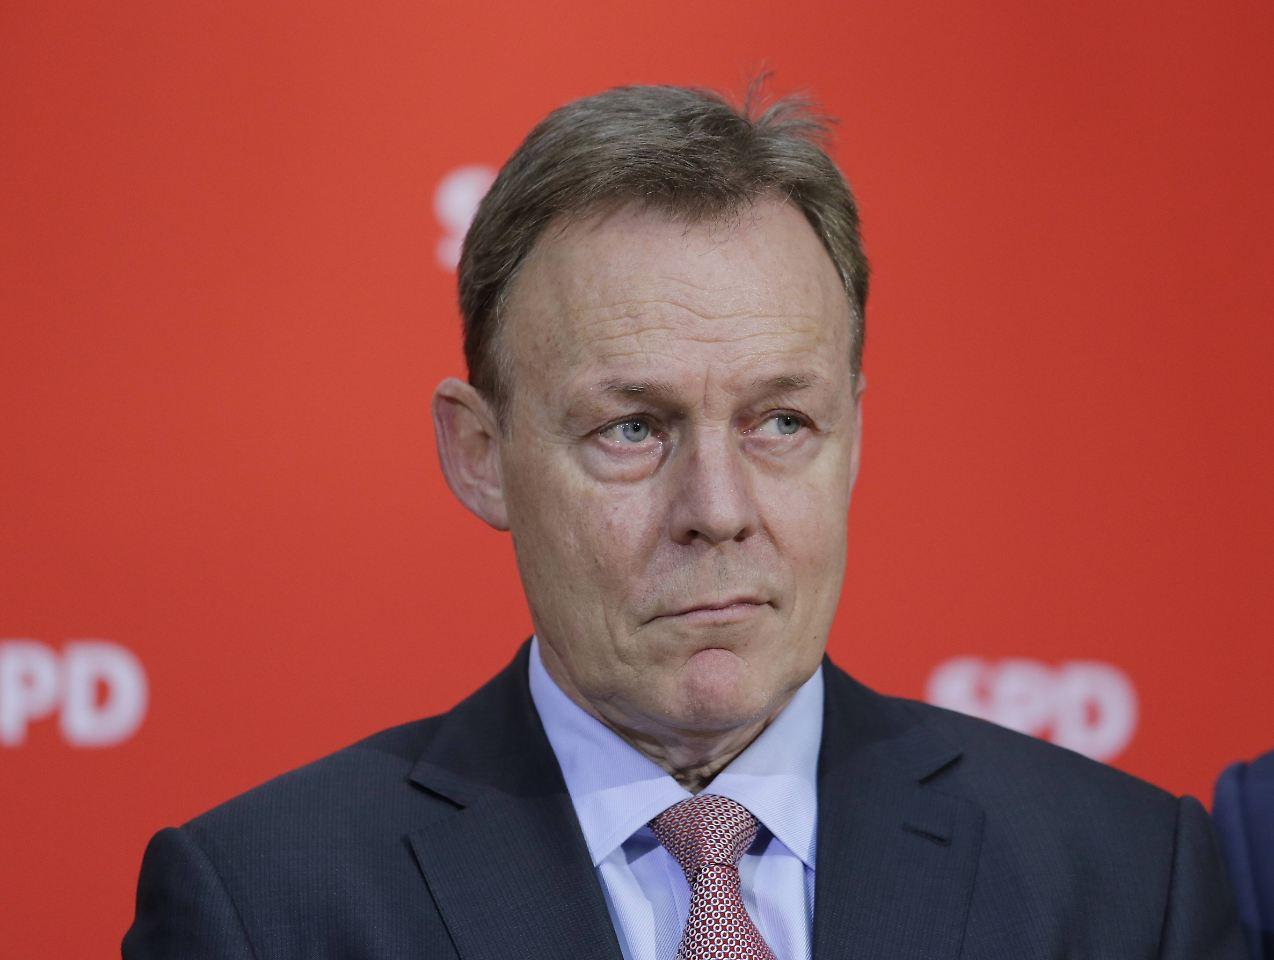 SPD dringt mit Gesetzentwurf auf die Ehe für alle